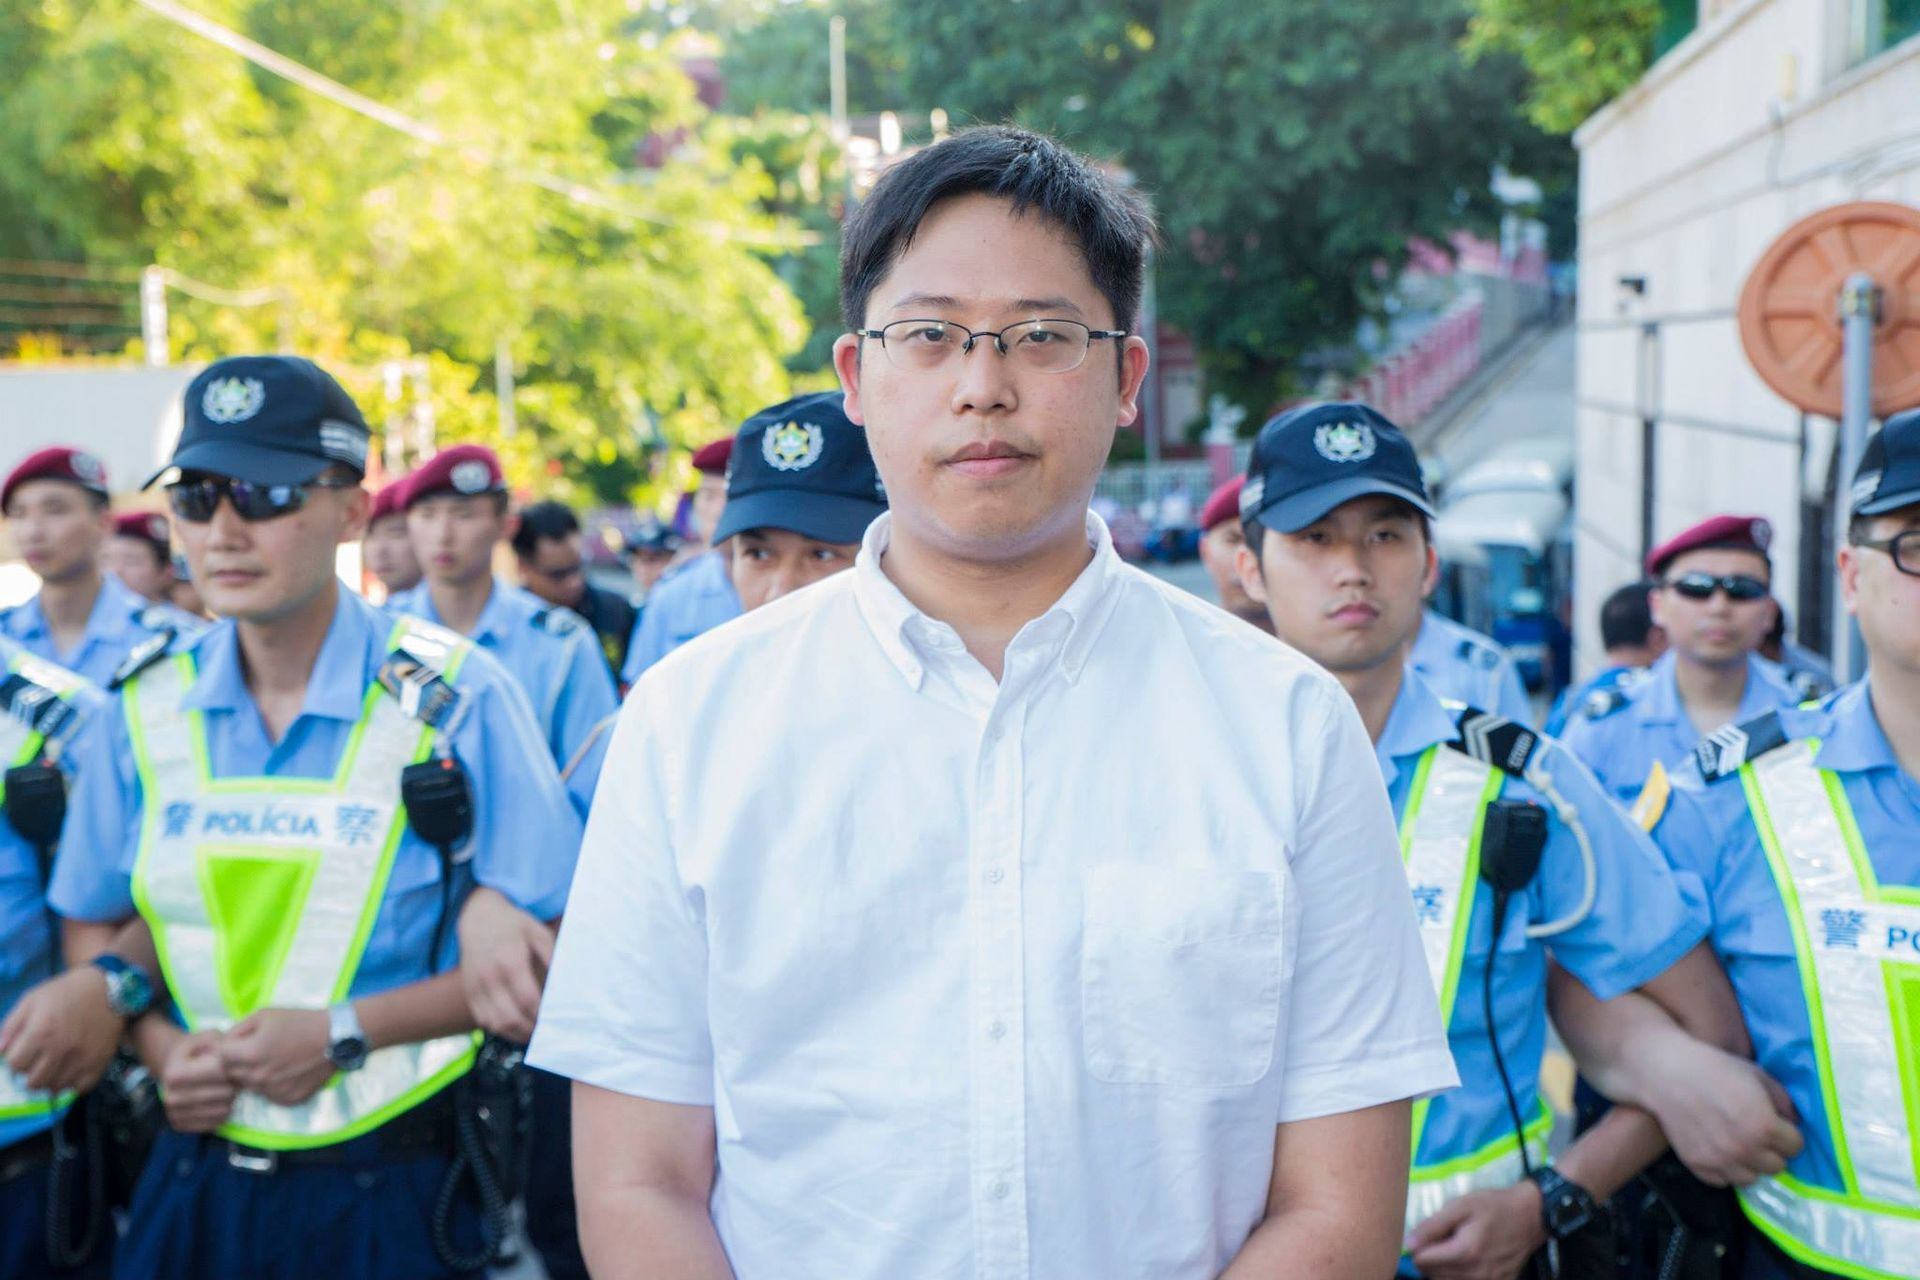 Jason Chao denuncia pressões da China para paragem de votação online em 2019